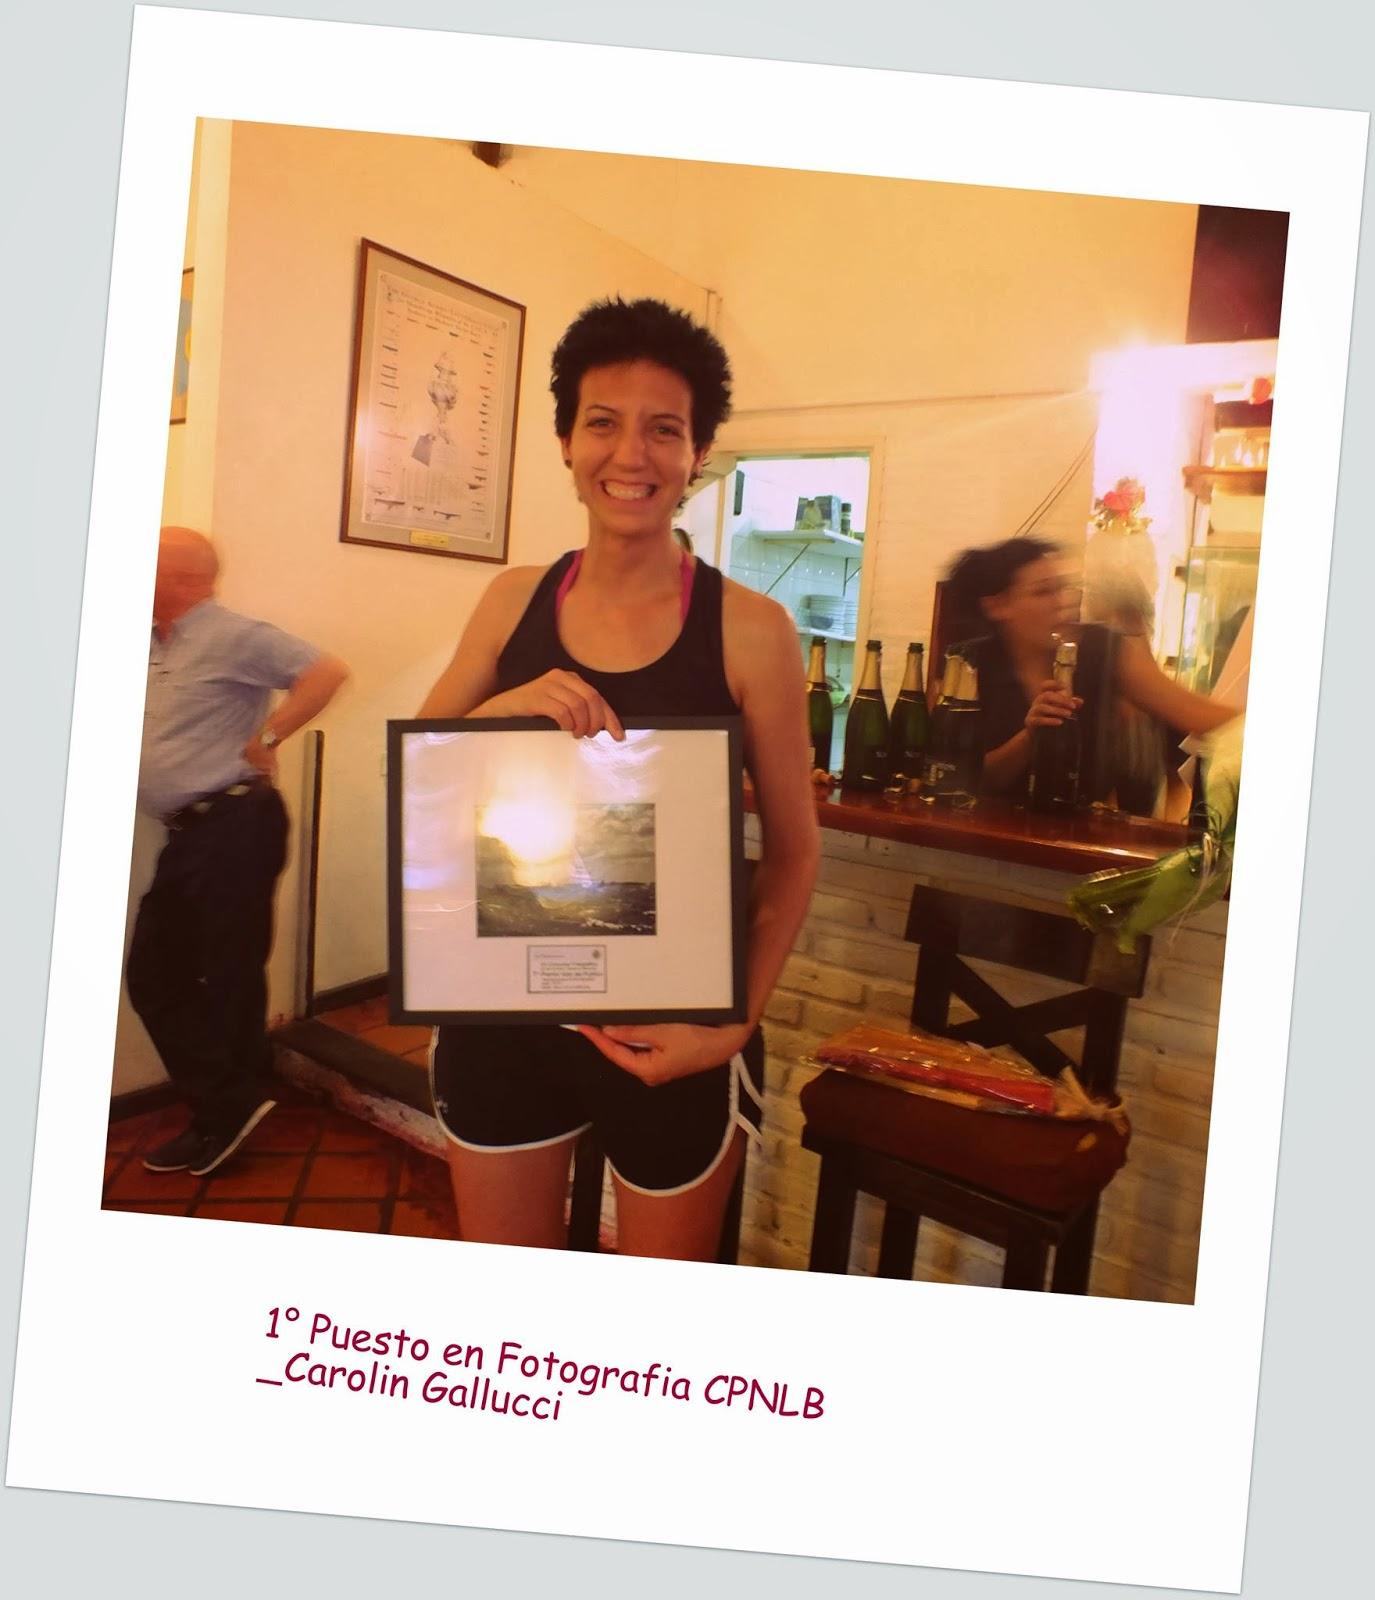 Concurso fotografico clarin 2010 85